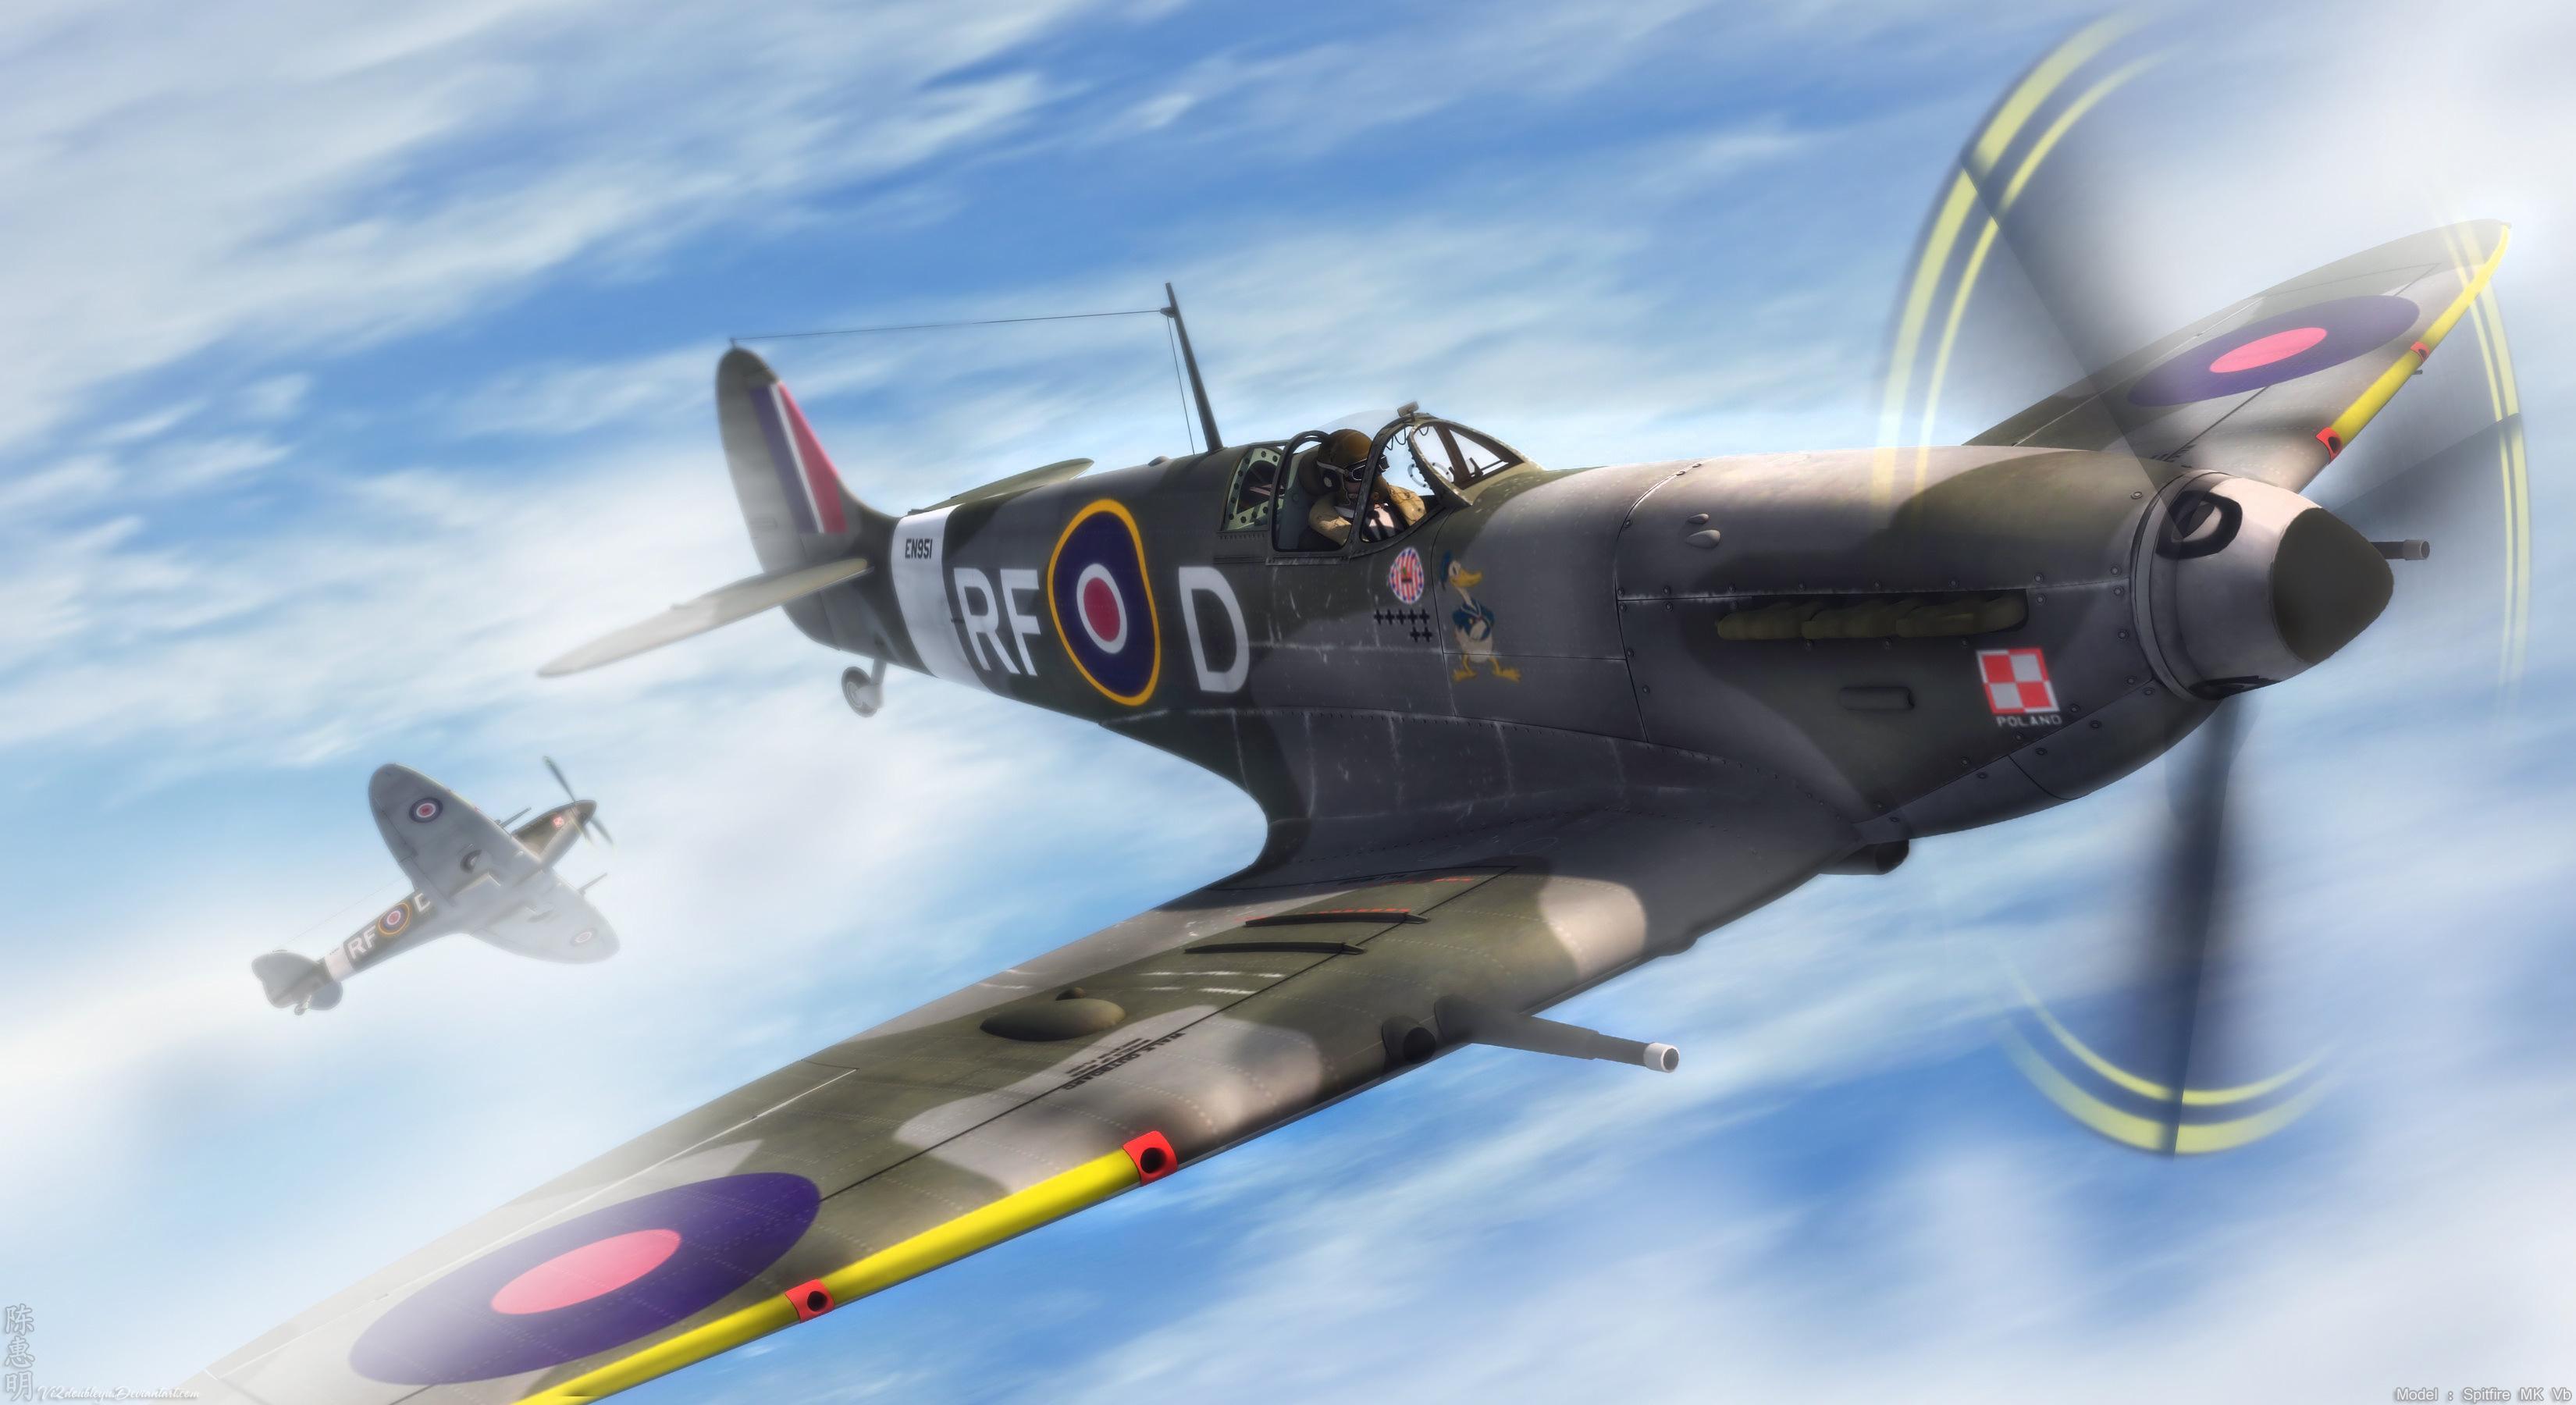 Wallpaper Spitfire aircraft plane clouds desktop 3300x1800